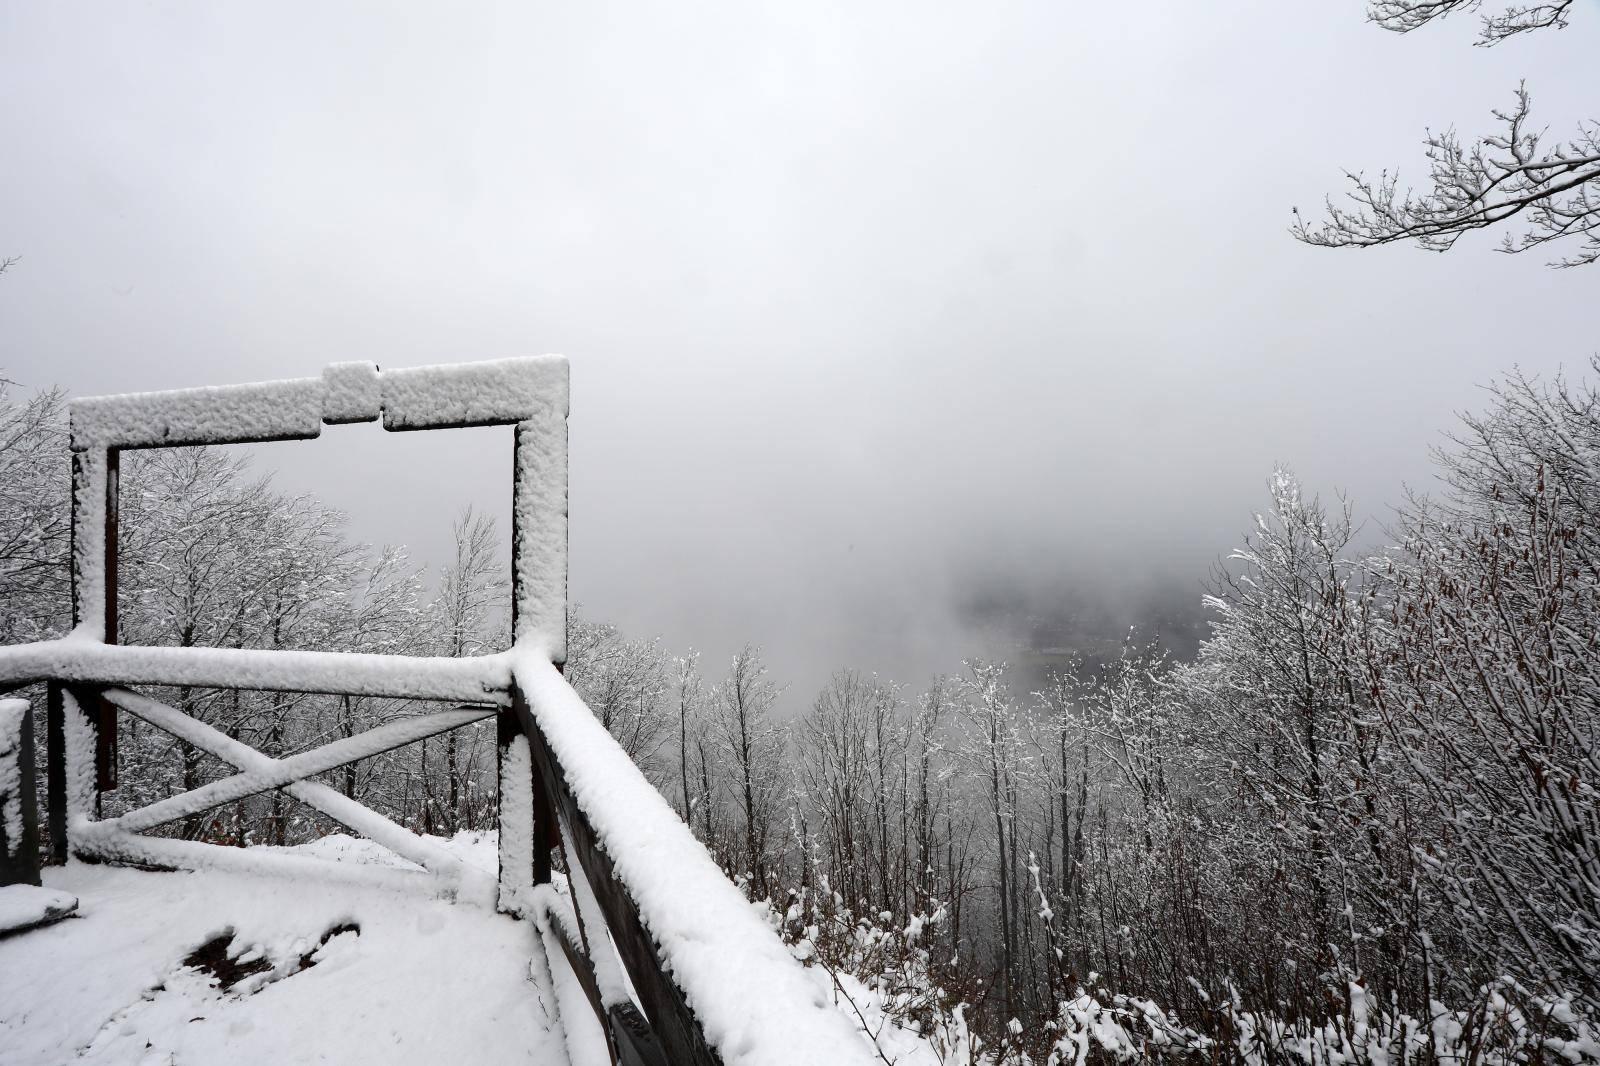 Snježni Uskrs: U Delnicama pao snijeg, a fotografije su čarobne